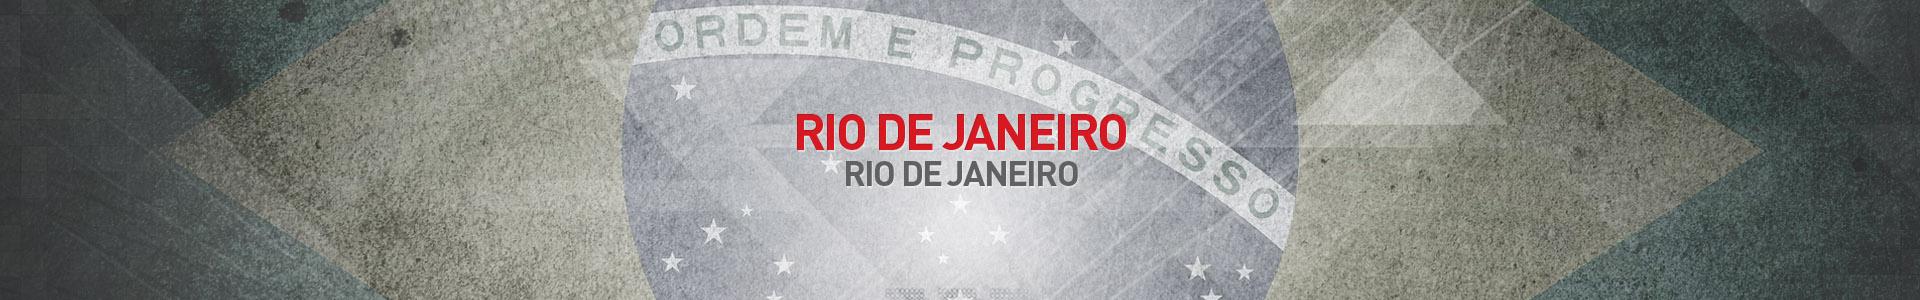 Topo-Cidades-Rio-de-Janeiro-SBA